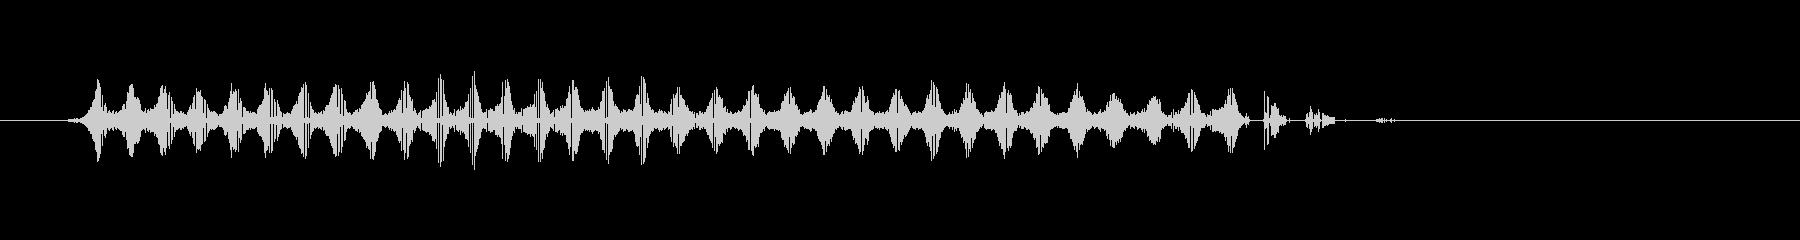 せみ2セミ虫笛おもちゃ蝉の鳴き声蝉の声ミの未再生の波形